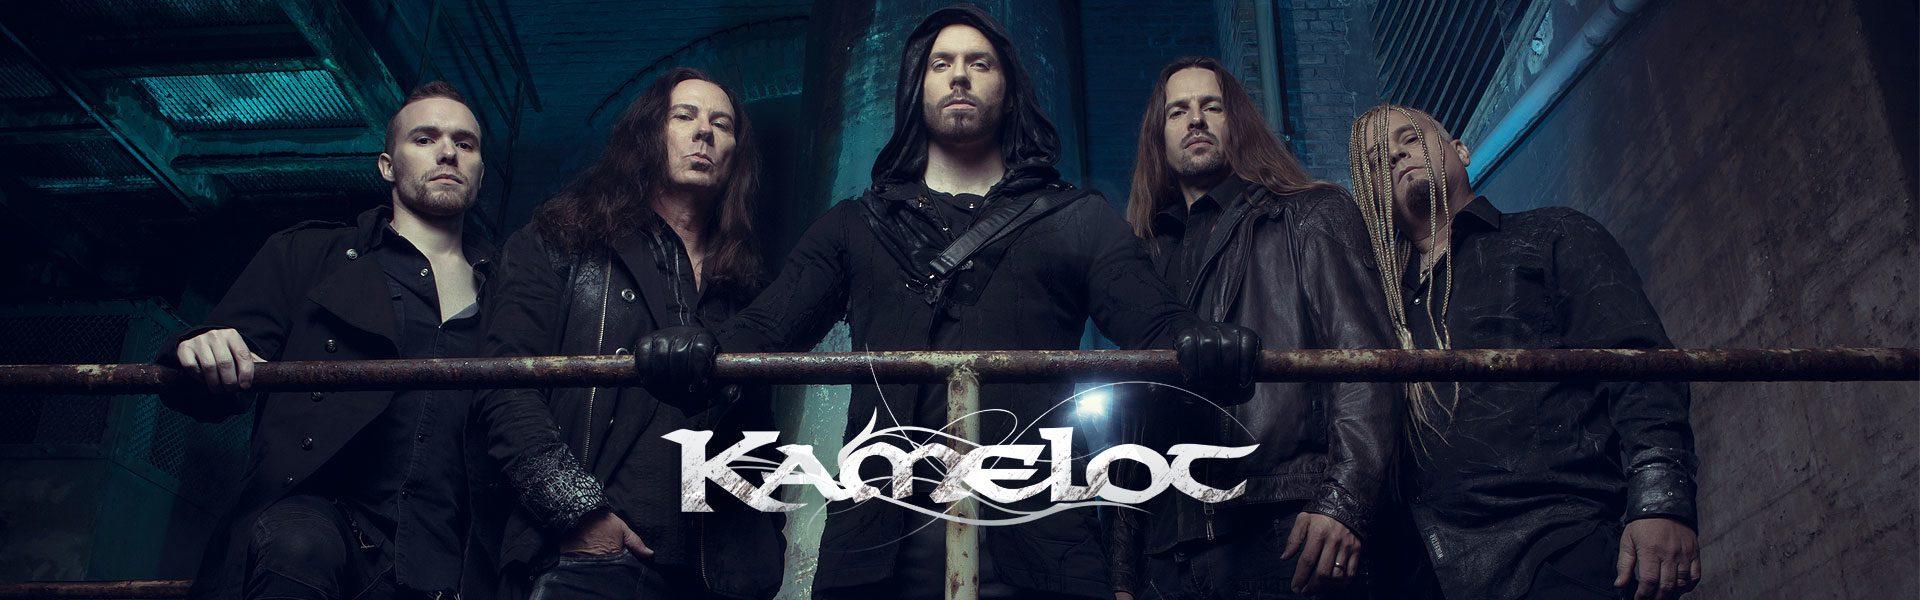 KAMELOT band